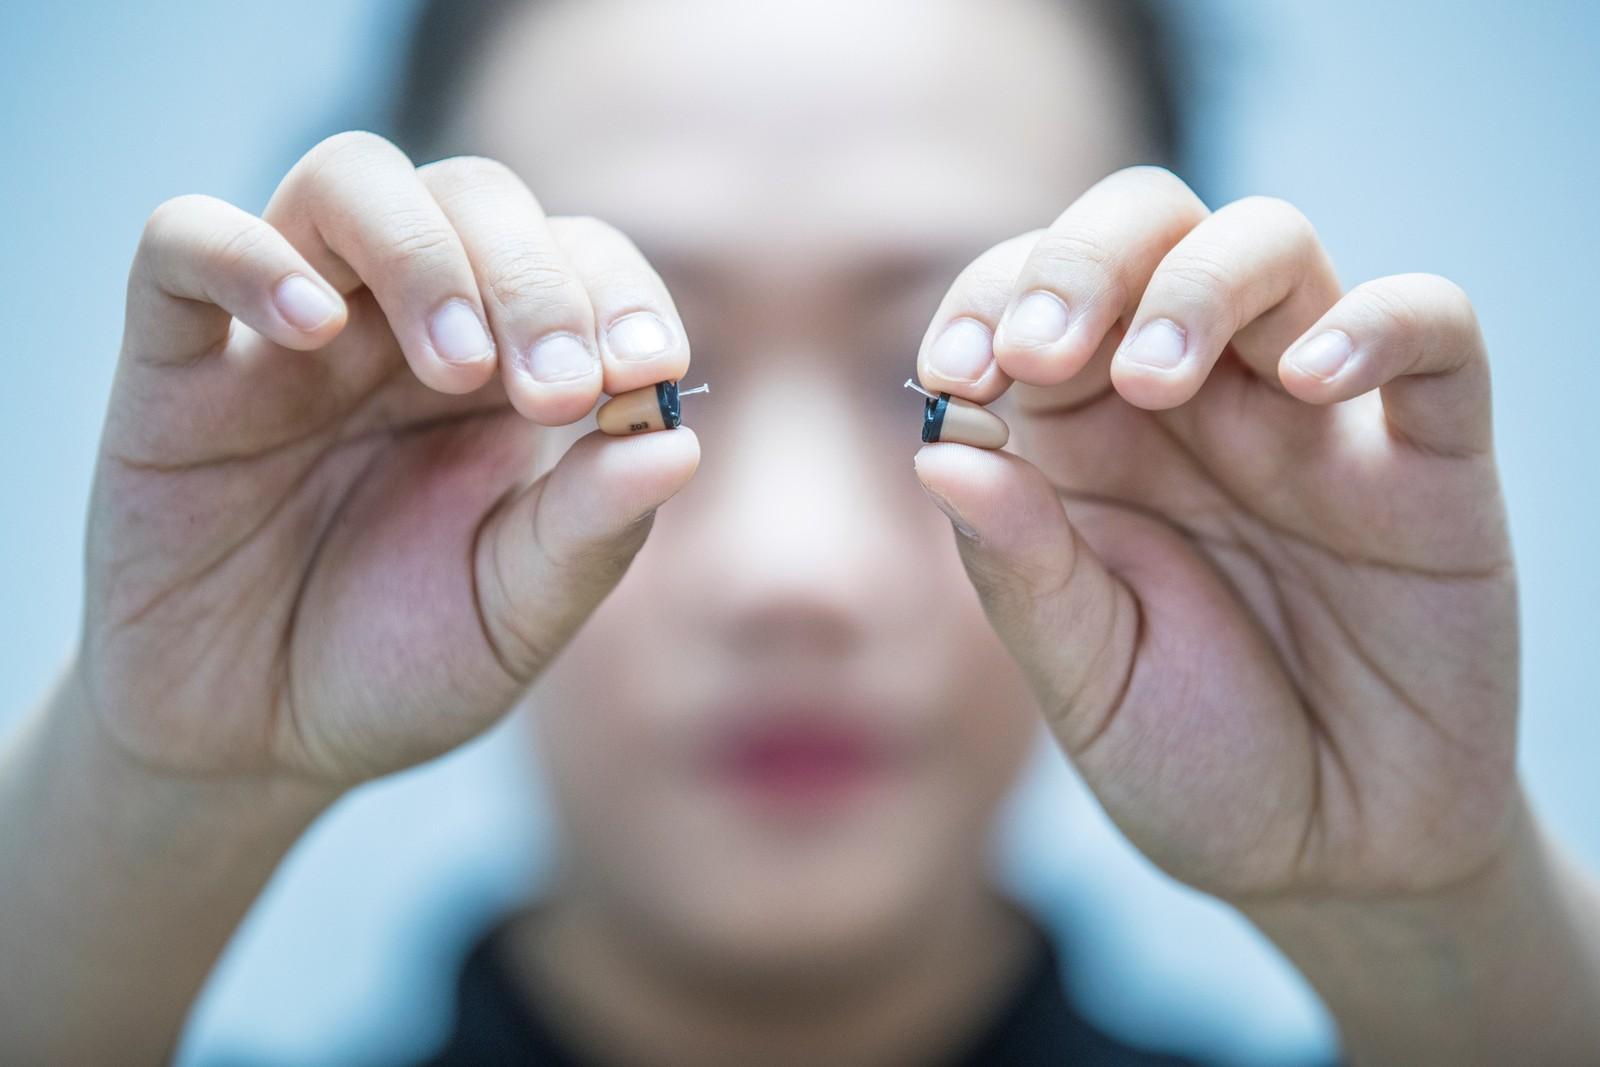 Disse ørepluggene skal ha blitt brukt i forbindelse med eksamensjuks i Kina. Nå blir de vist fram til skrekk og advarsel.